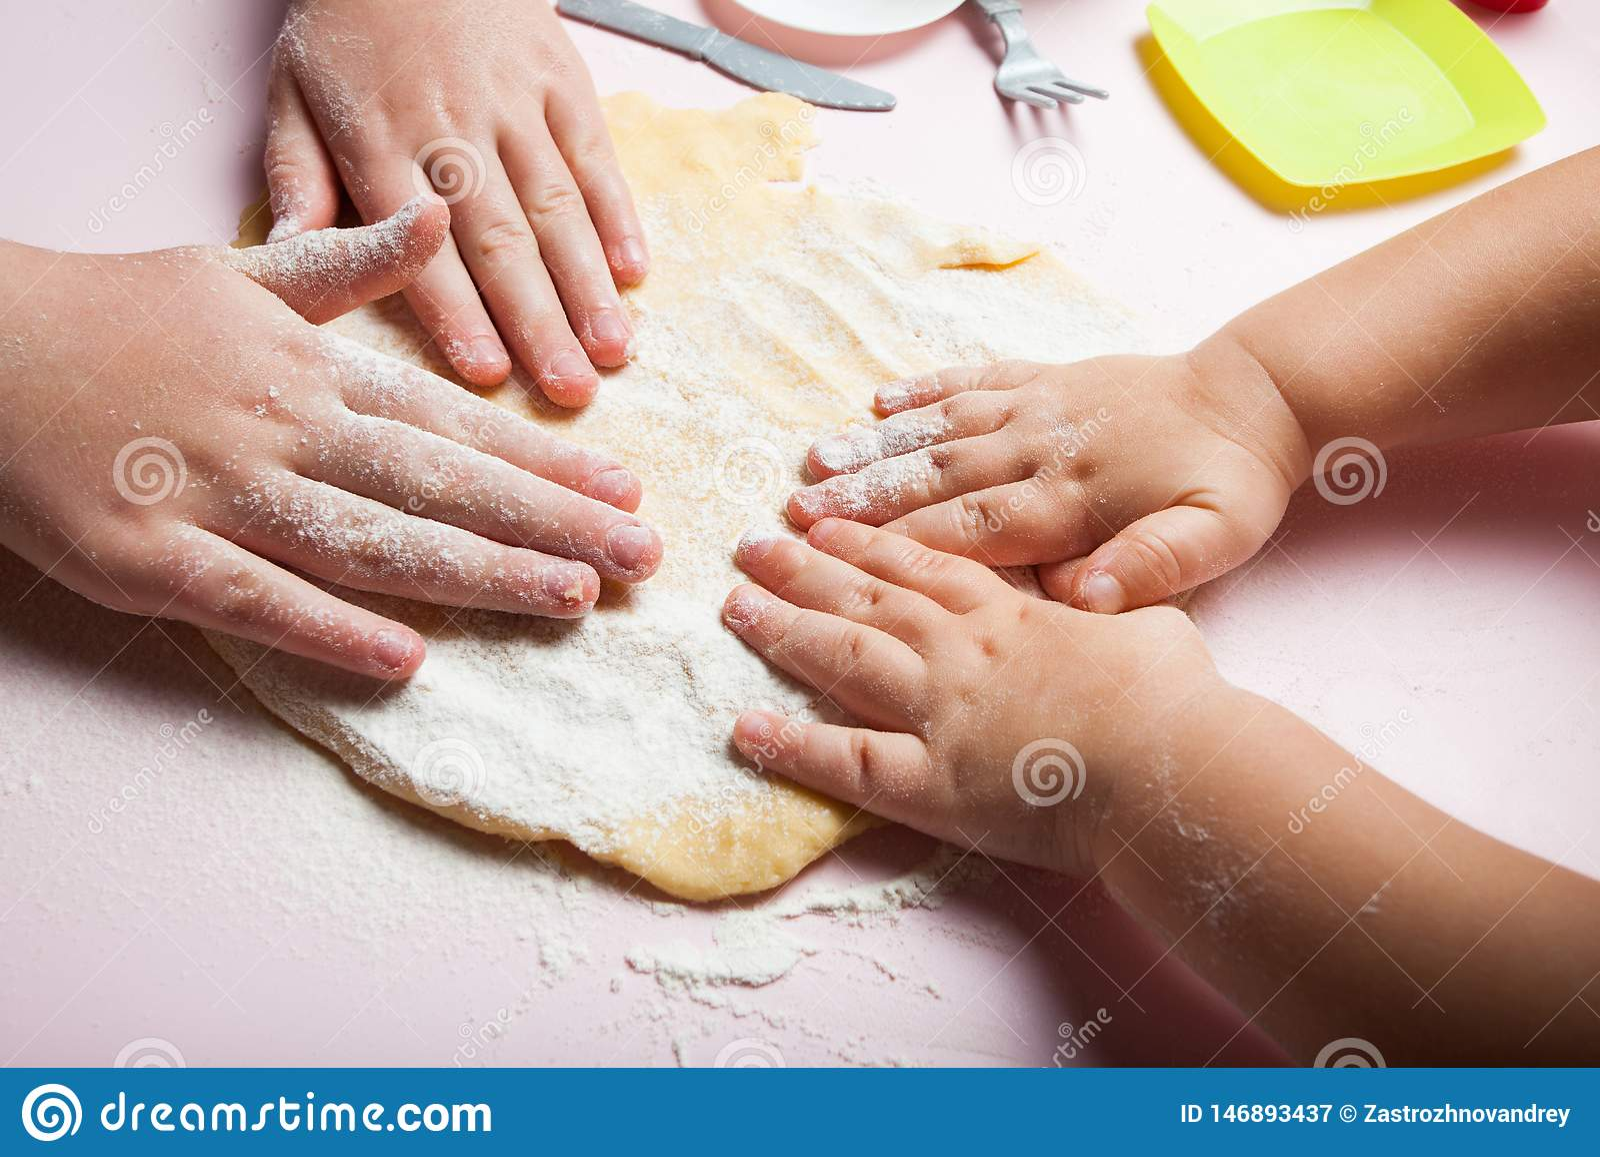 Les mains de bébé malaxent la pâte, plan rapproché